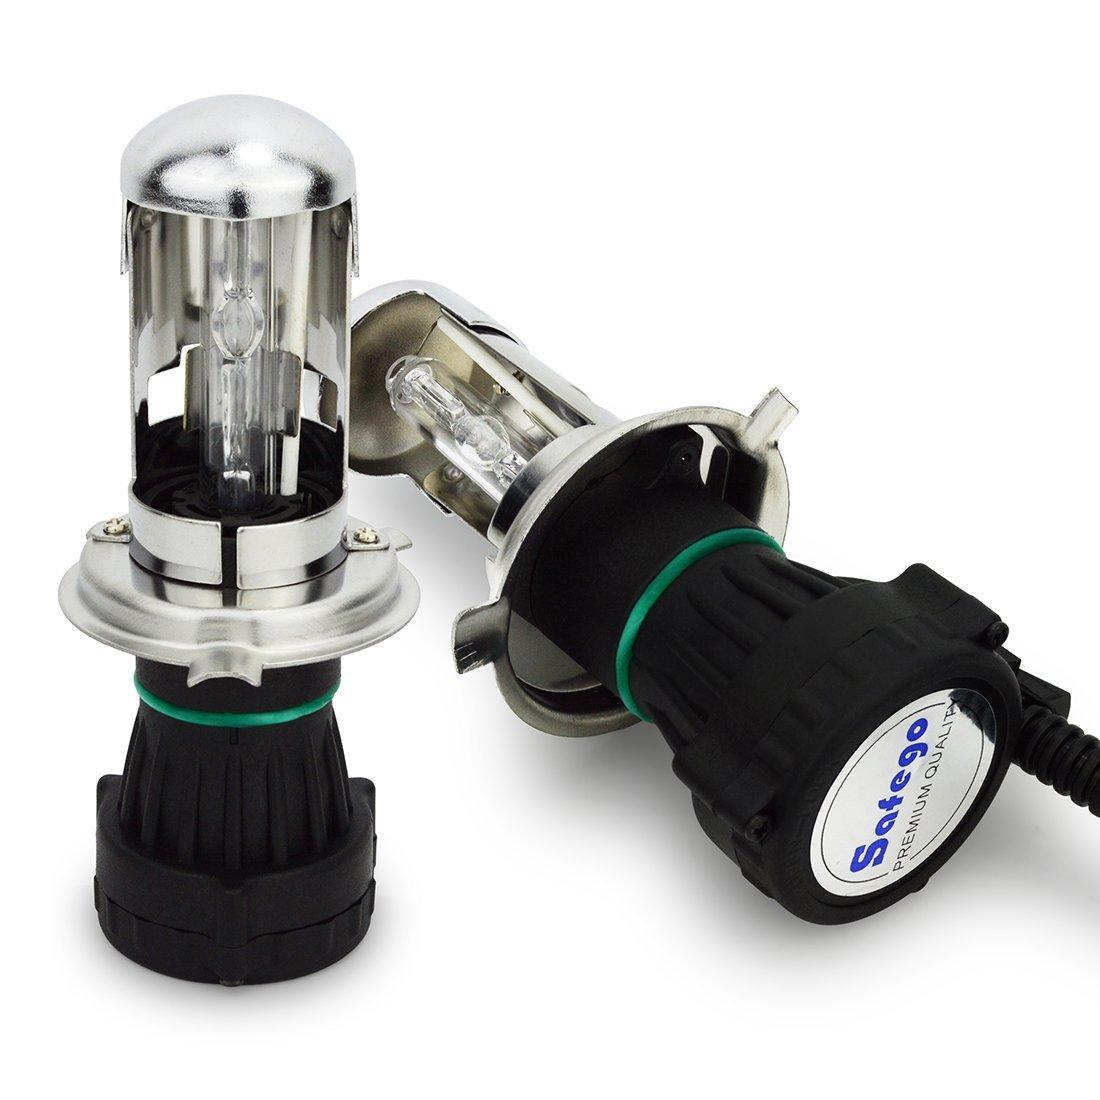 Safego Bixenon H4 Hi Lo HID Lampara Luz de Headlight Bombillas (6000K Blanco) product